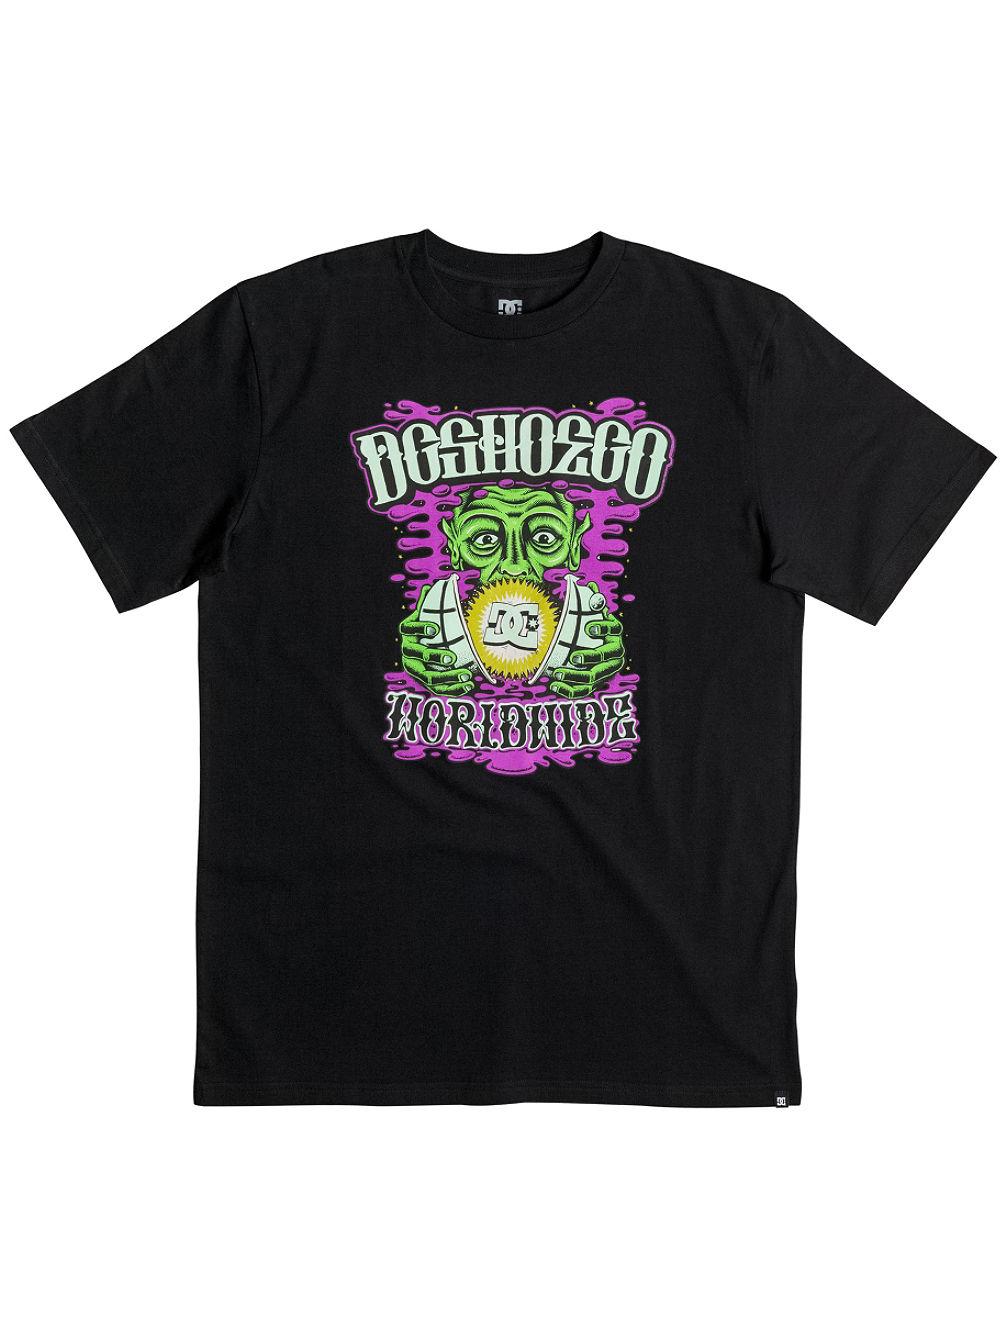 worldwide-t-shirt